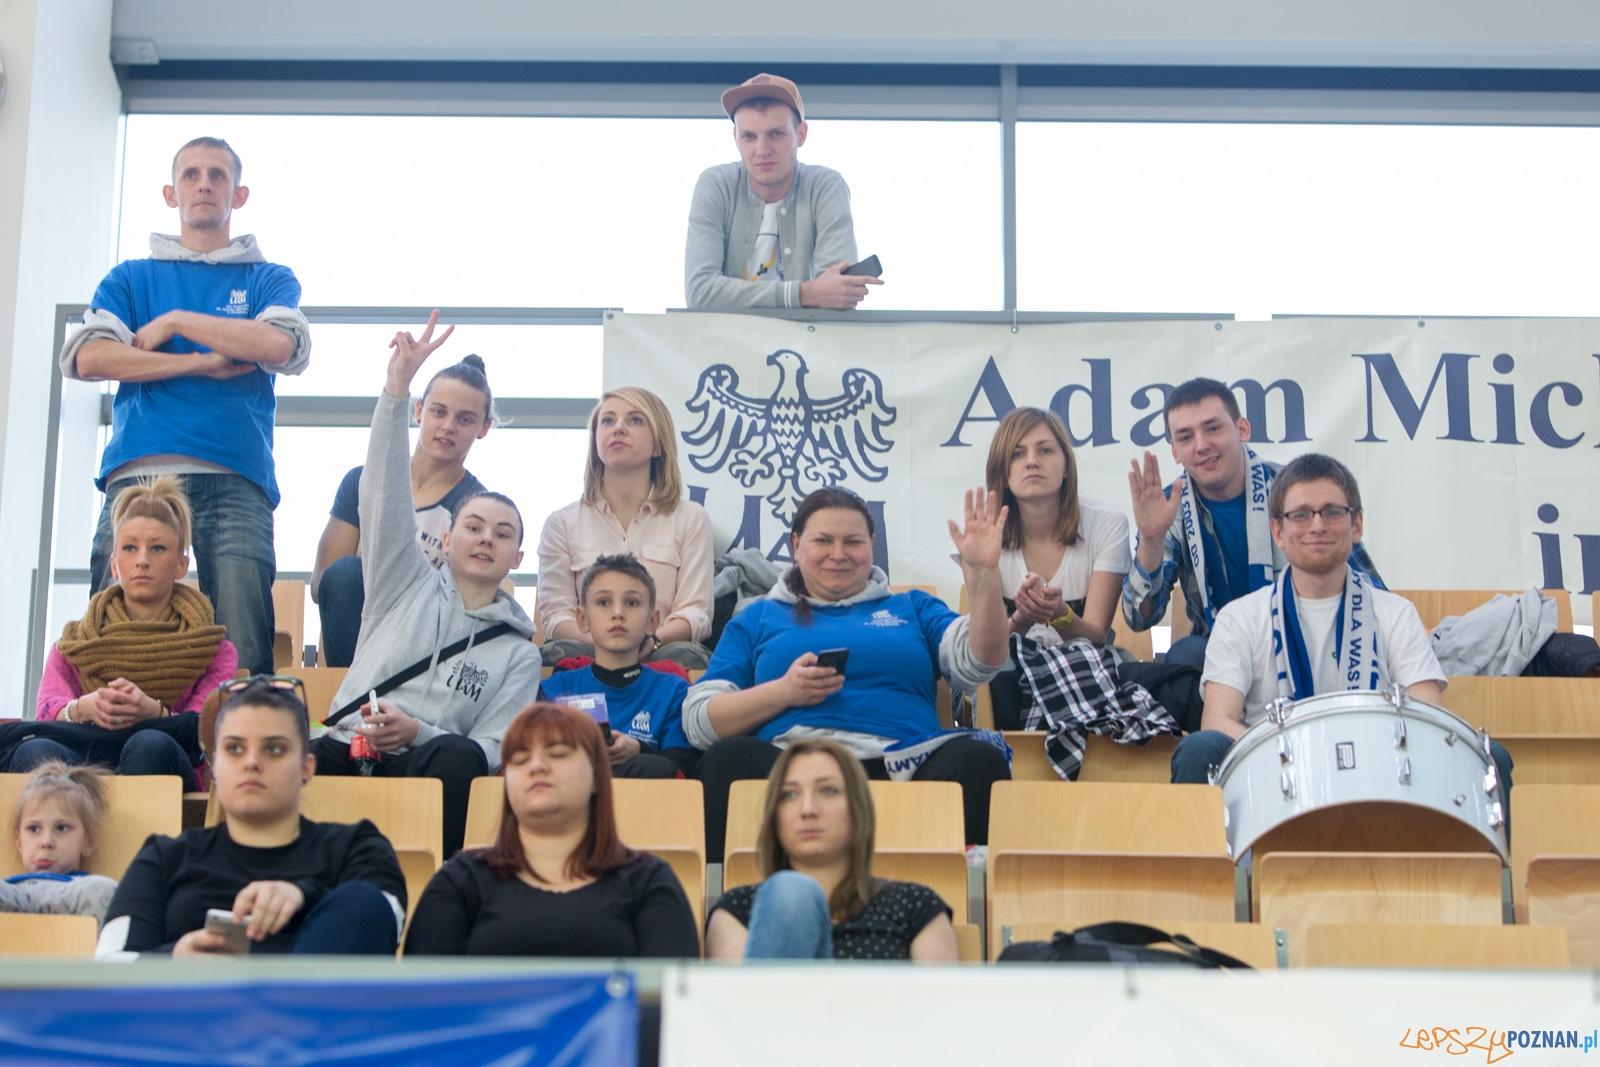 Finał Ekstraklasy: AZS UAM Poznań - UJ Kraków  Foto: lepszyPOZNAN.pl / Piotr Rychter